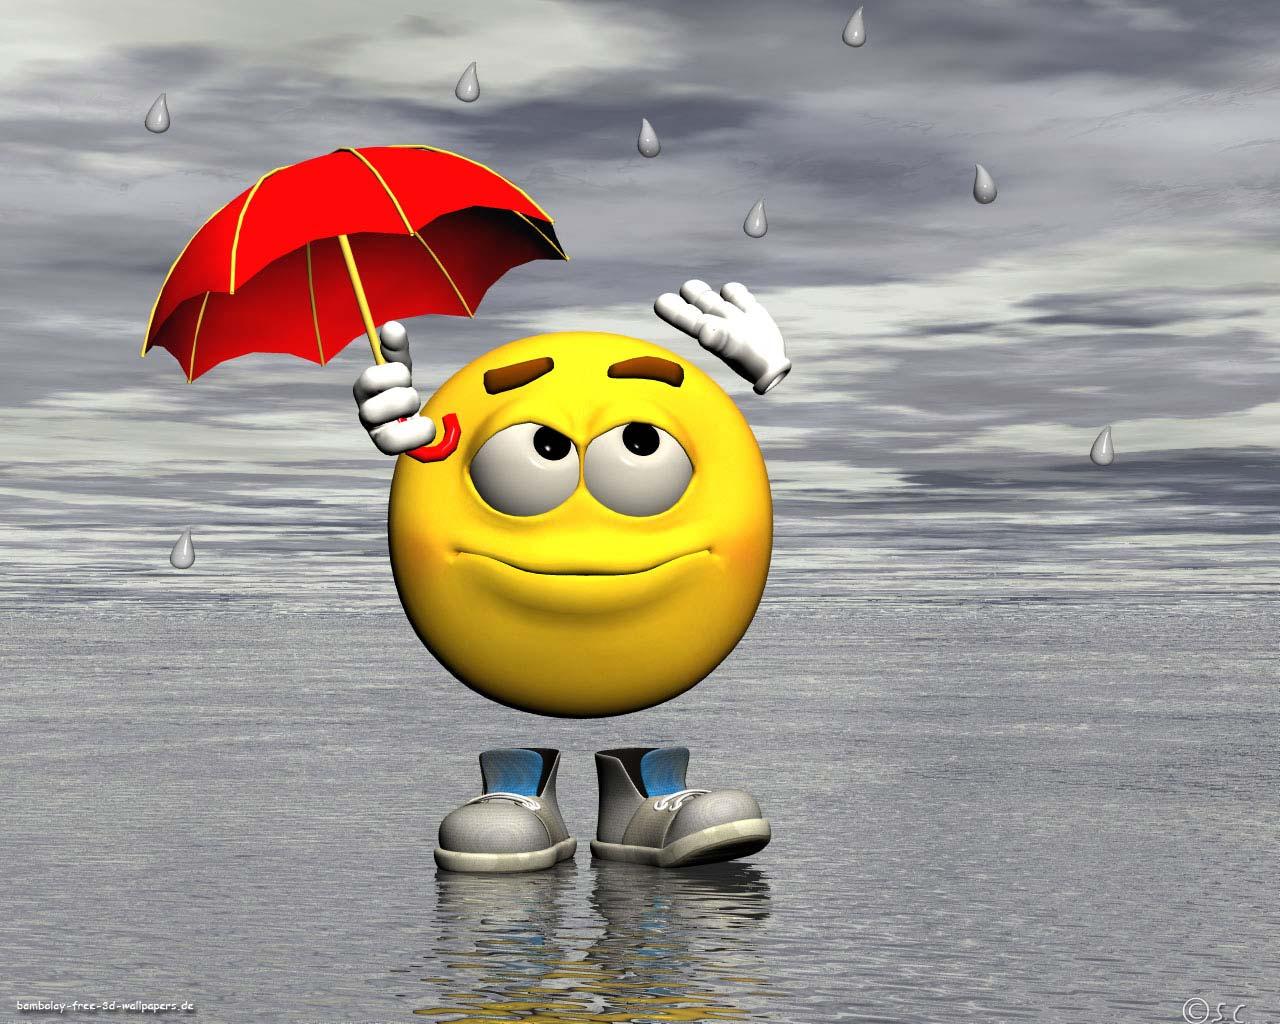 Wallpaper smiley emoticon wallpapersafari emoticon wallpaper 24 wallpapers desktop wallpapers hd 1280x1024 altavistaventures Image collections